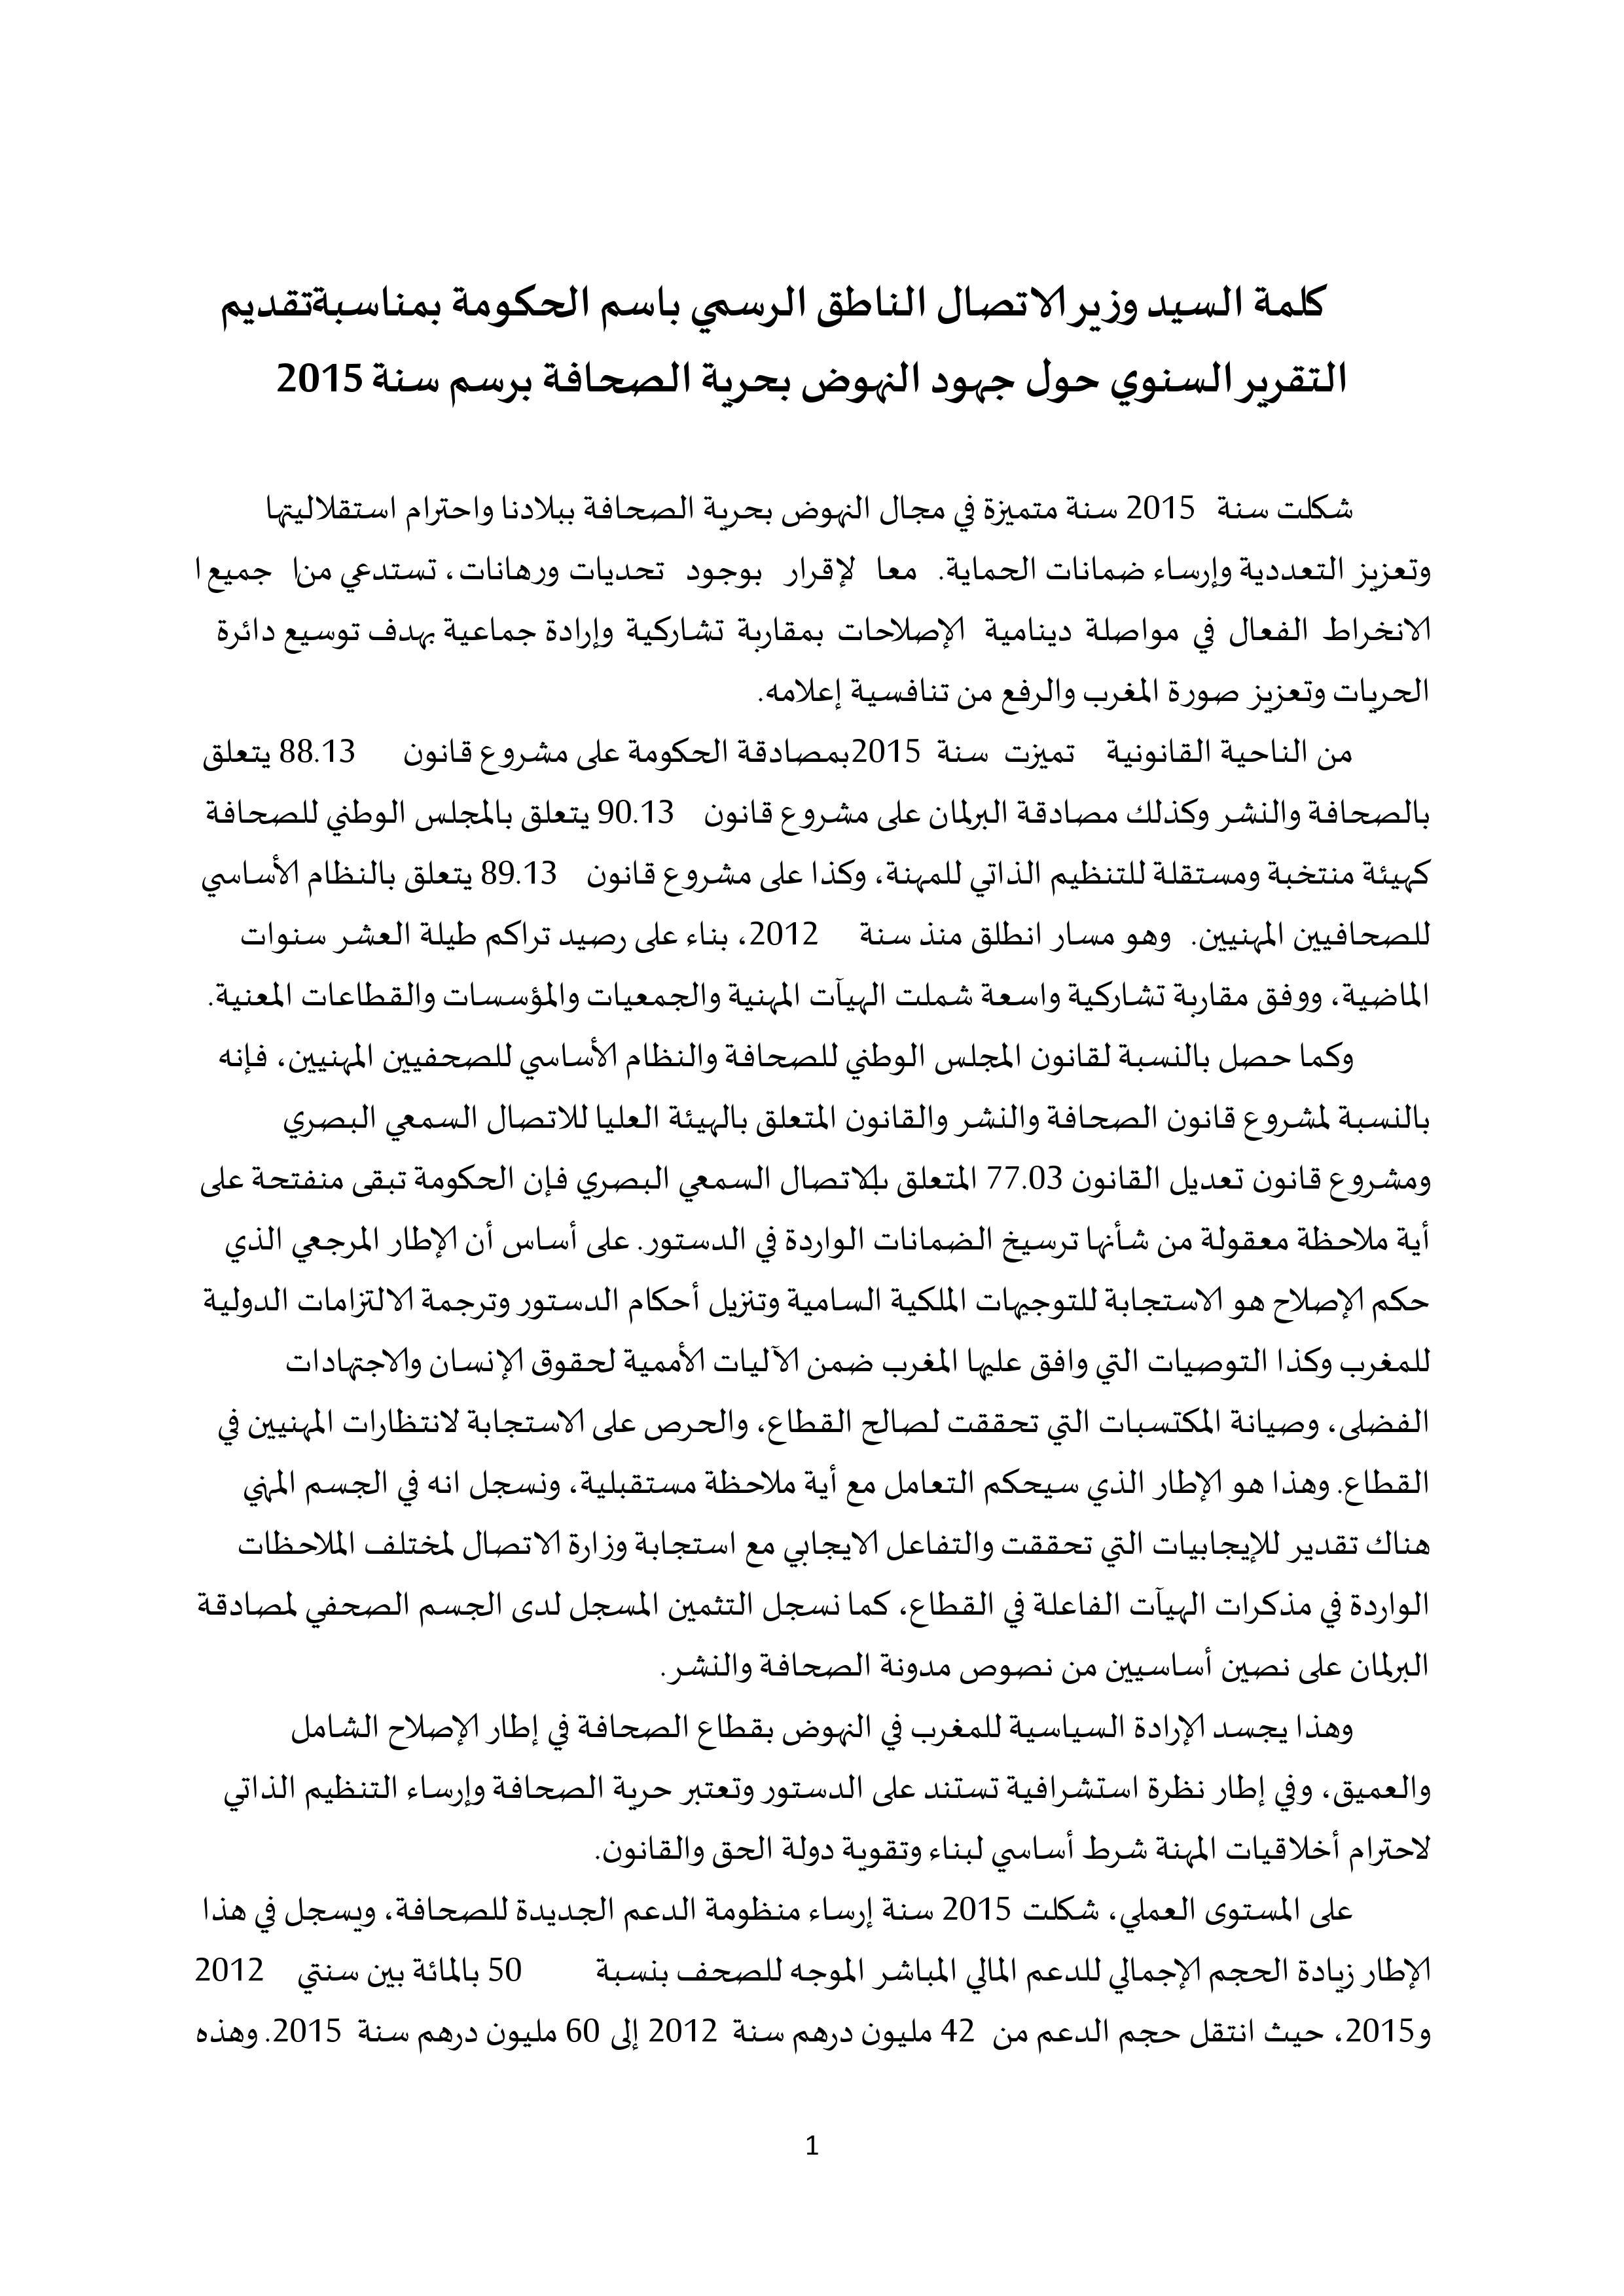 التقرير السنوي حول جهود النهوض بحرية الصحافة برسم سنة 2015 + كلمة تقديم التقرير من طرف السيد وزير الاتصال الناطق الرسمي باسم الحكومة .